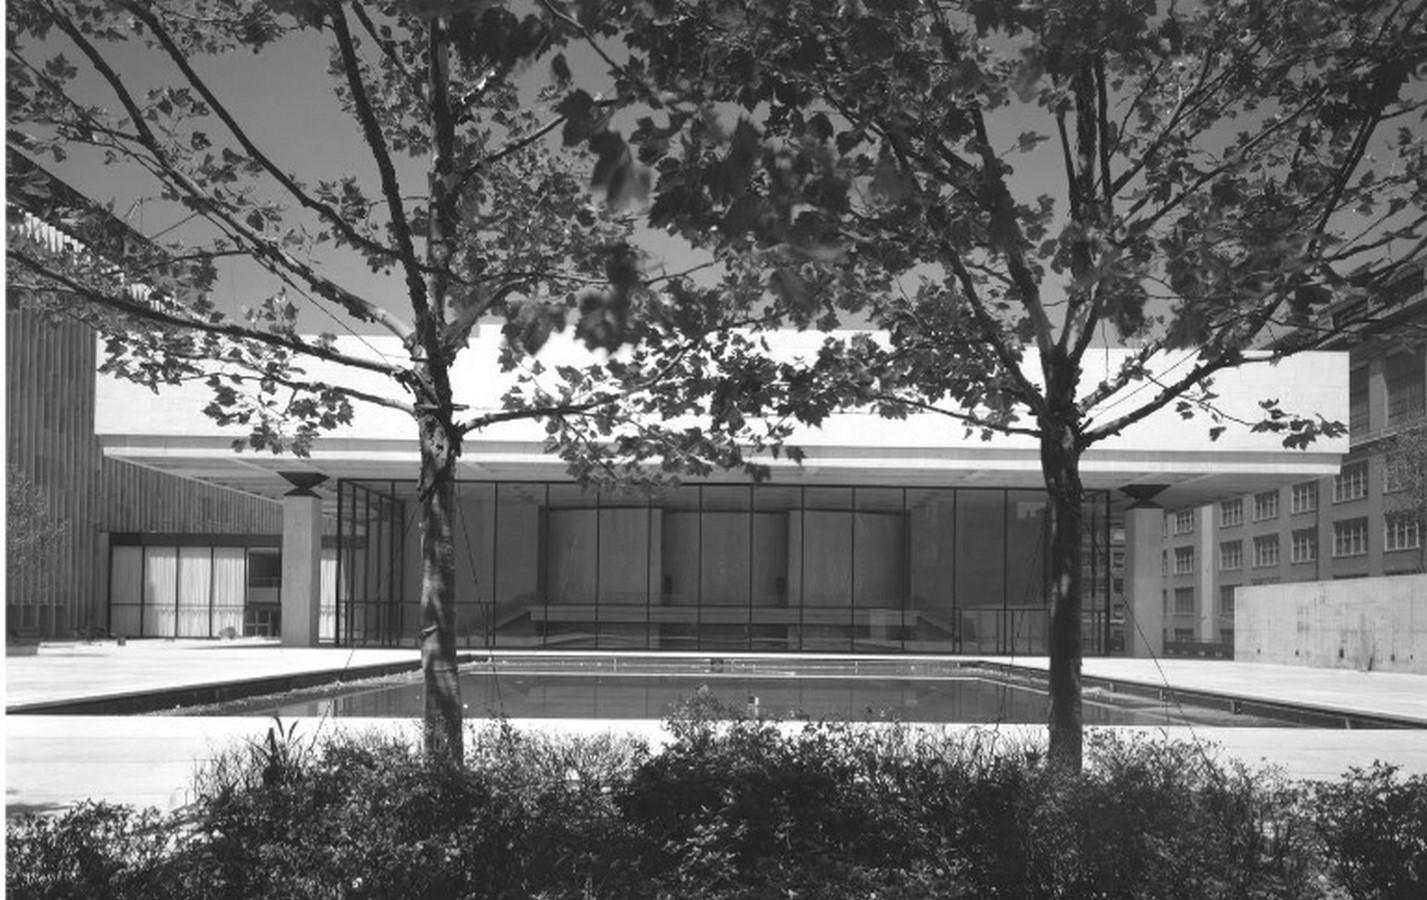 Vivian Beaumont Theater by Eero Saarinen: Within the frames - Sheet4